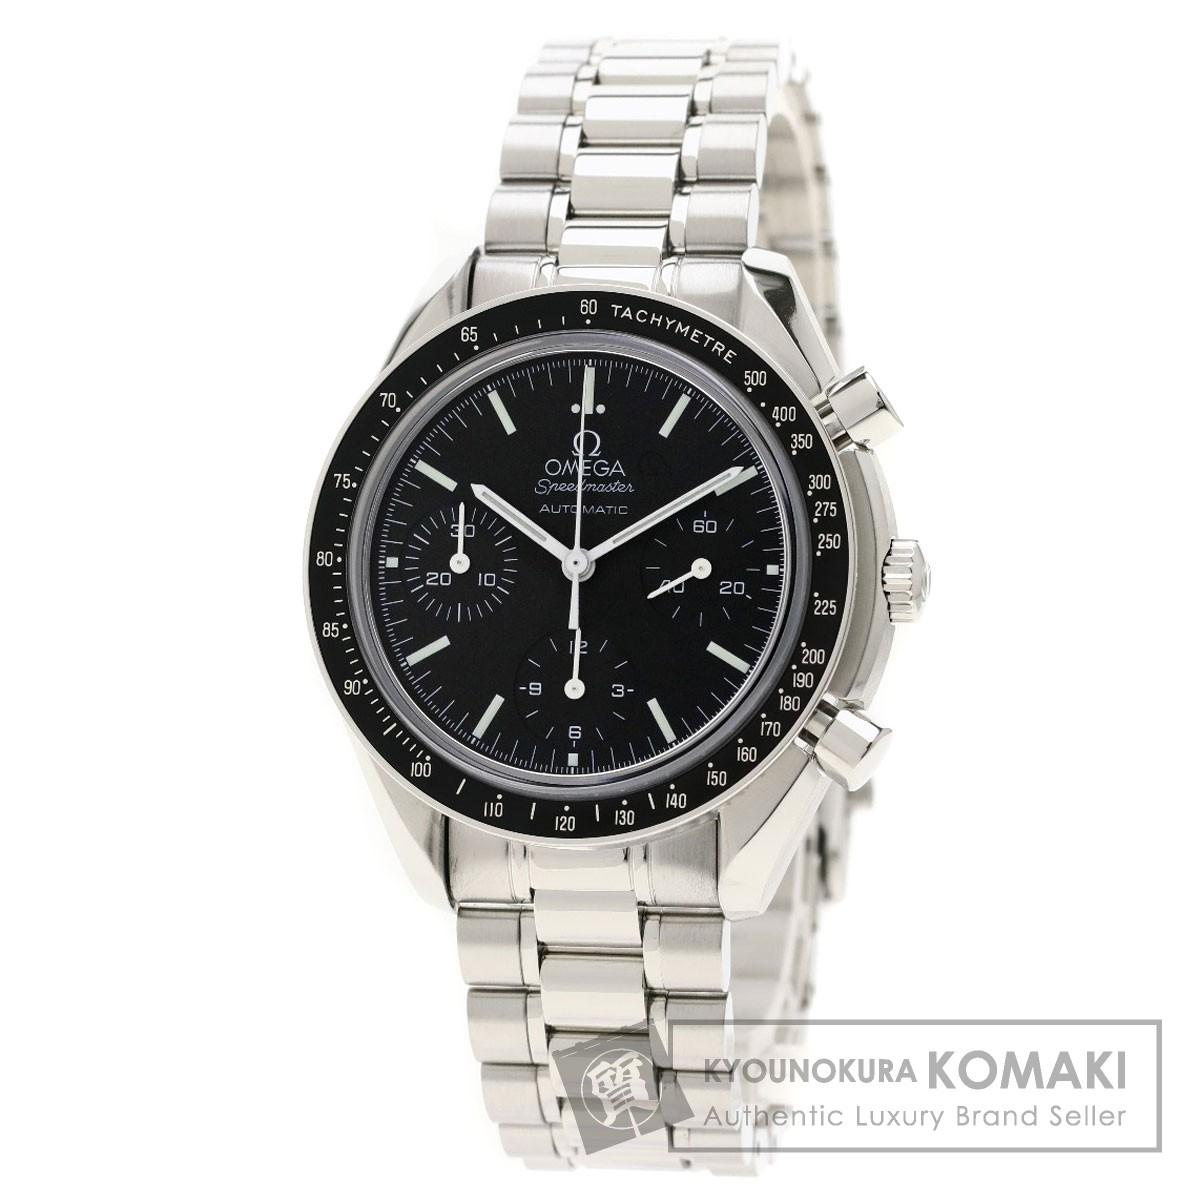 オメガ 3539.50 スピードマスター 腕時計 OH済 ステンレススチール/SS メンズ 【中古】【OMEGA】